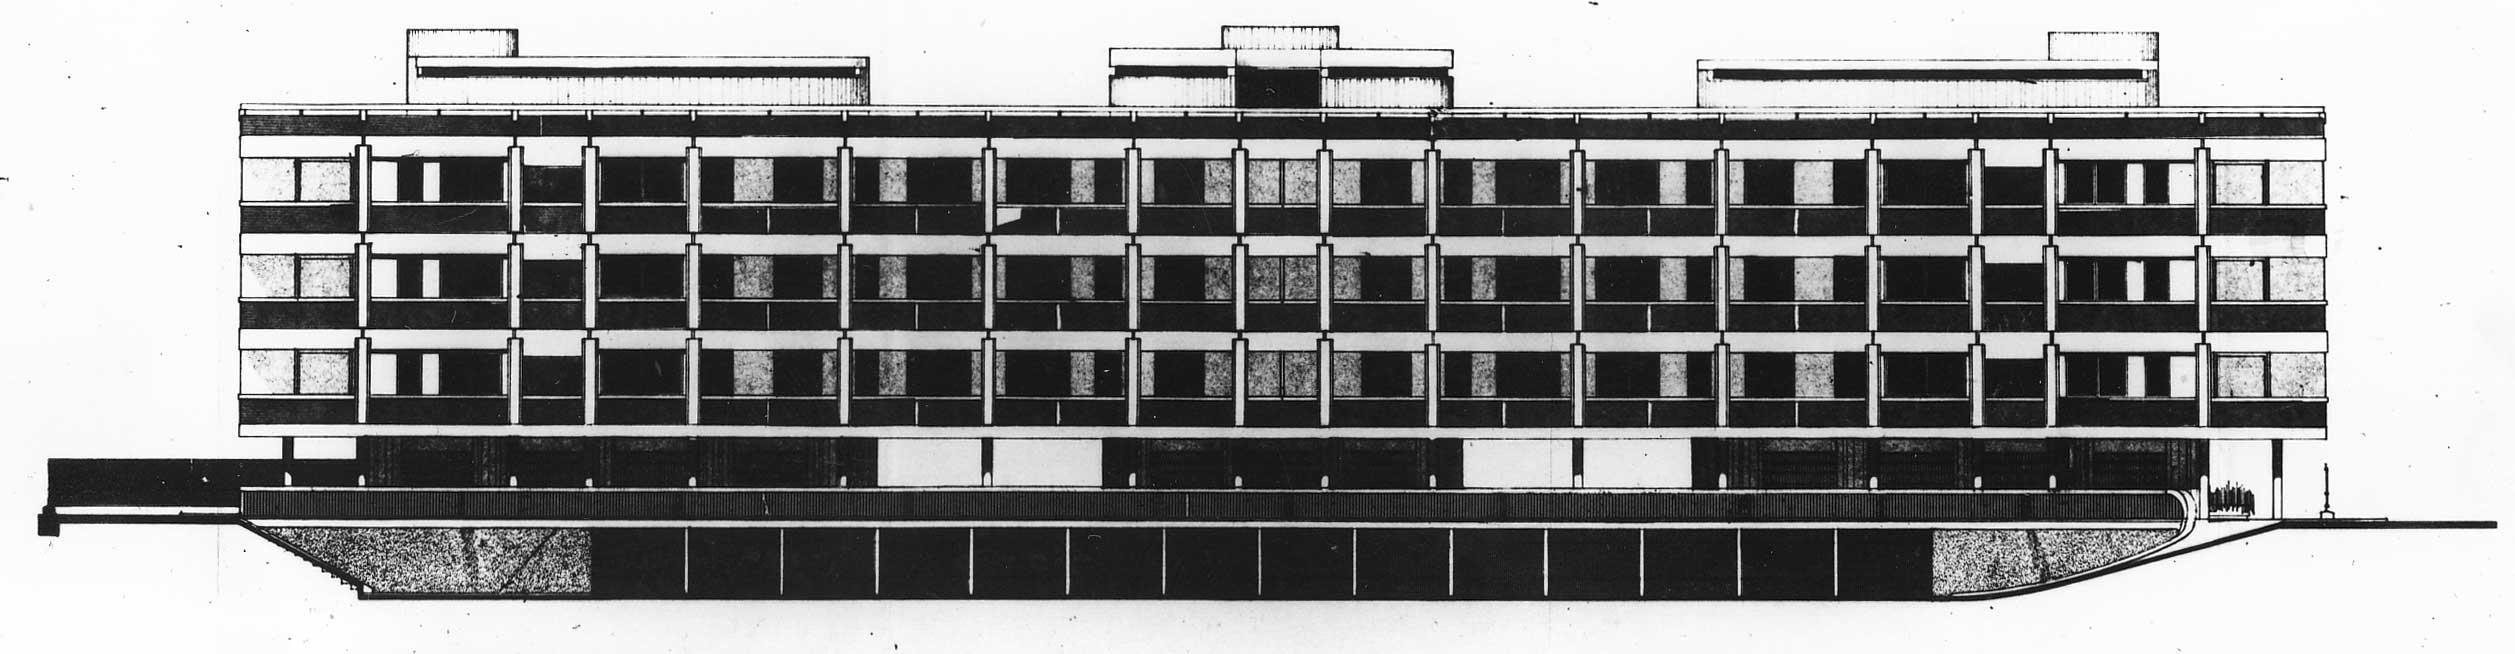 6 - 54 alloggi a Roma - Spinaceto, II programma GESCAL - IACP Roma; capogruppo - Prospetto